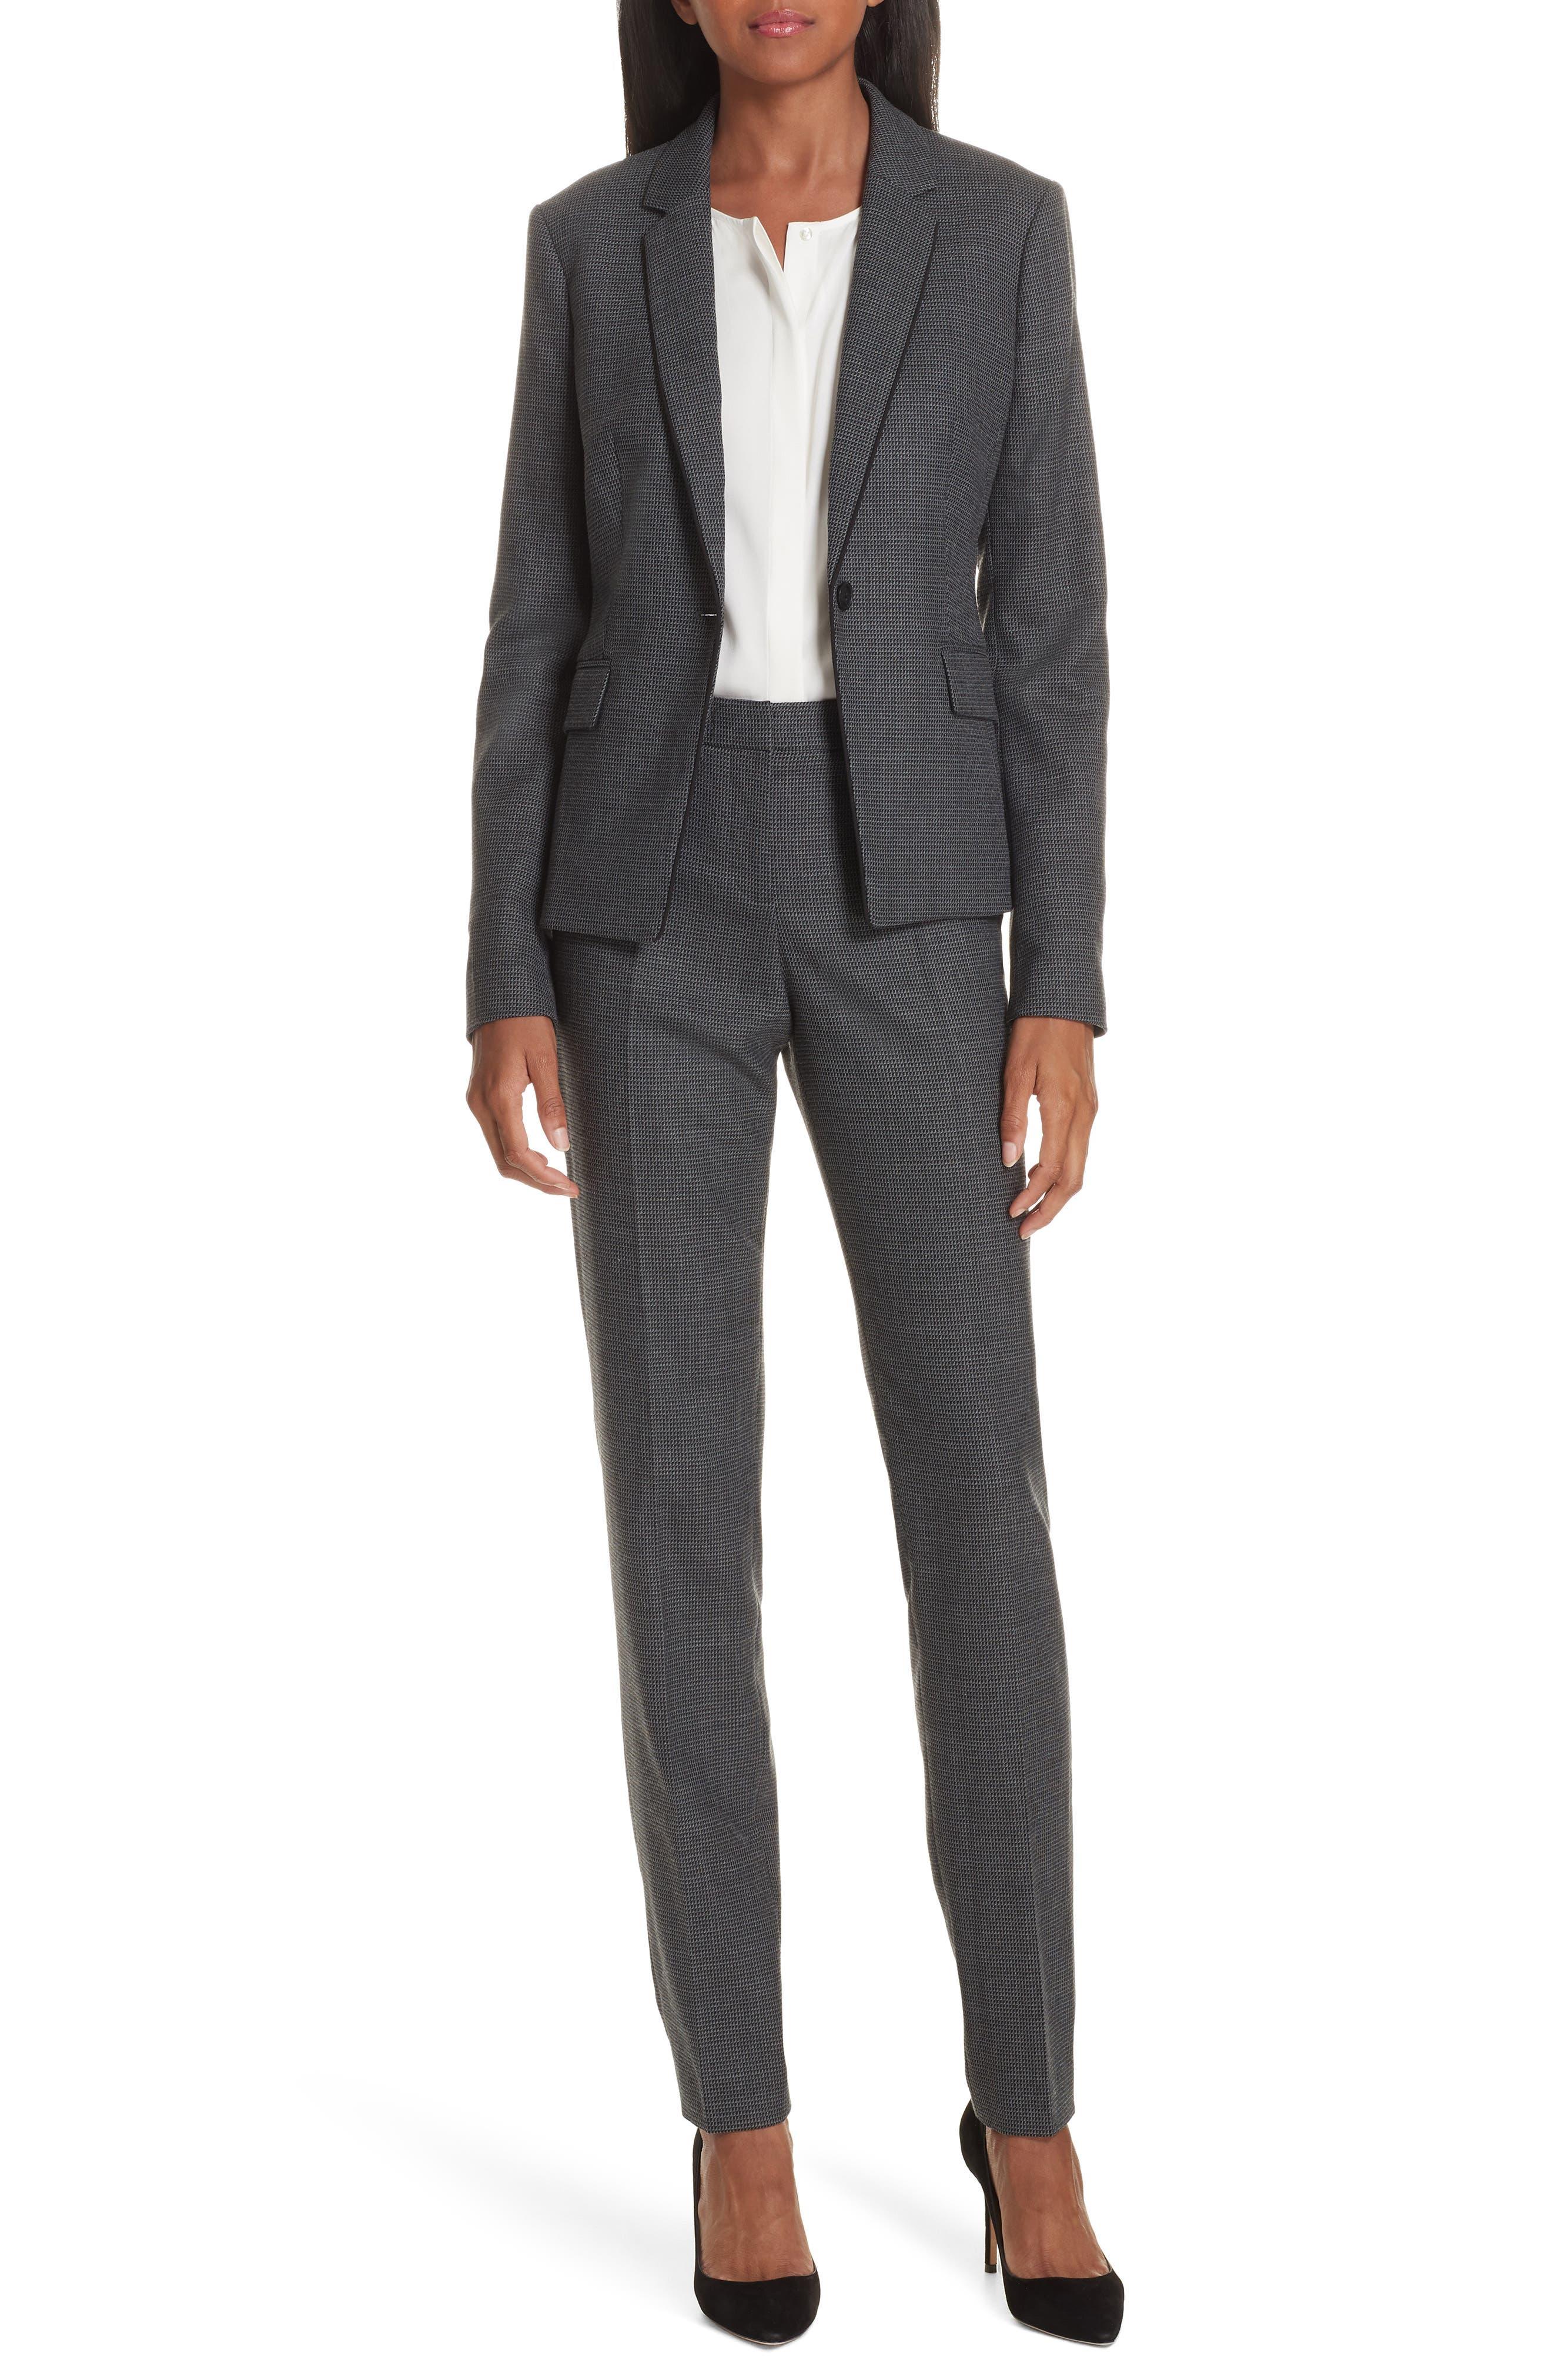 Tilunana Pinstripe Suit Trousers,                             Alternate thumbnail 8, color,                             020